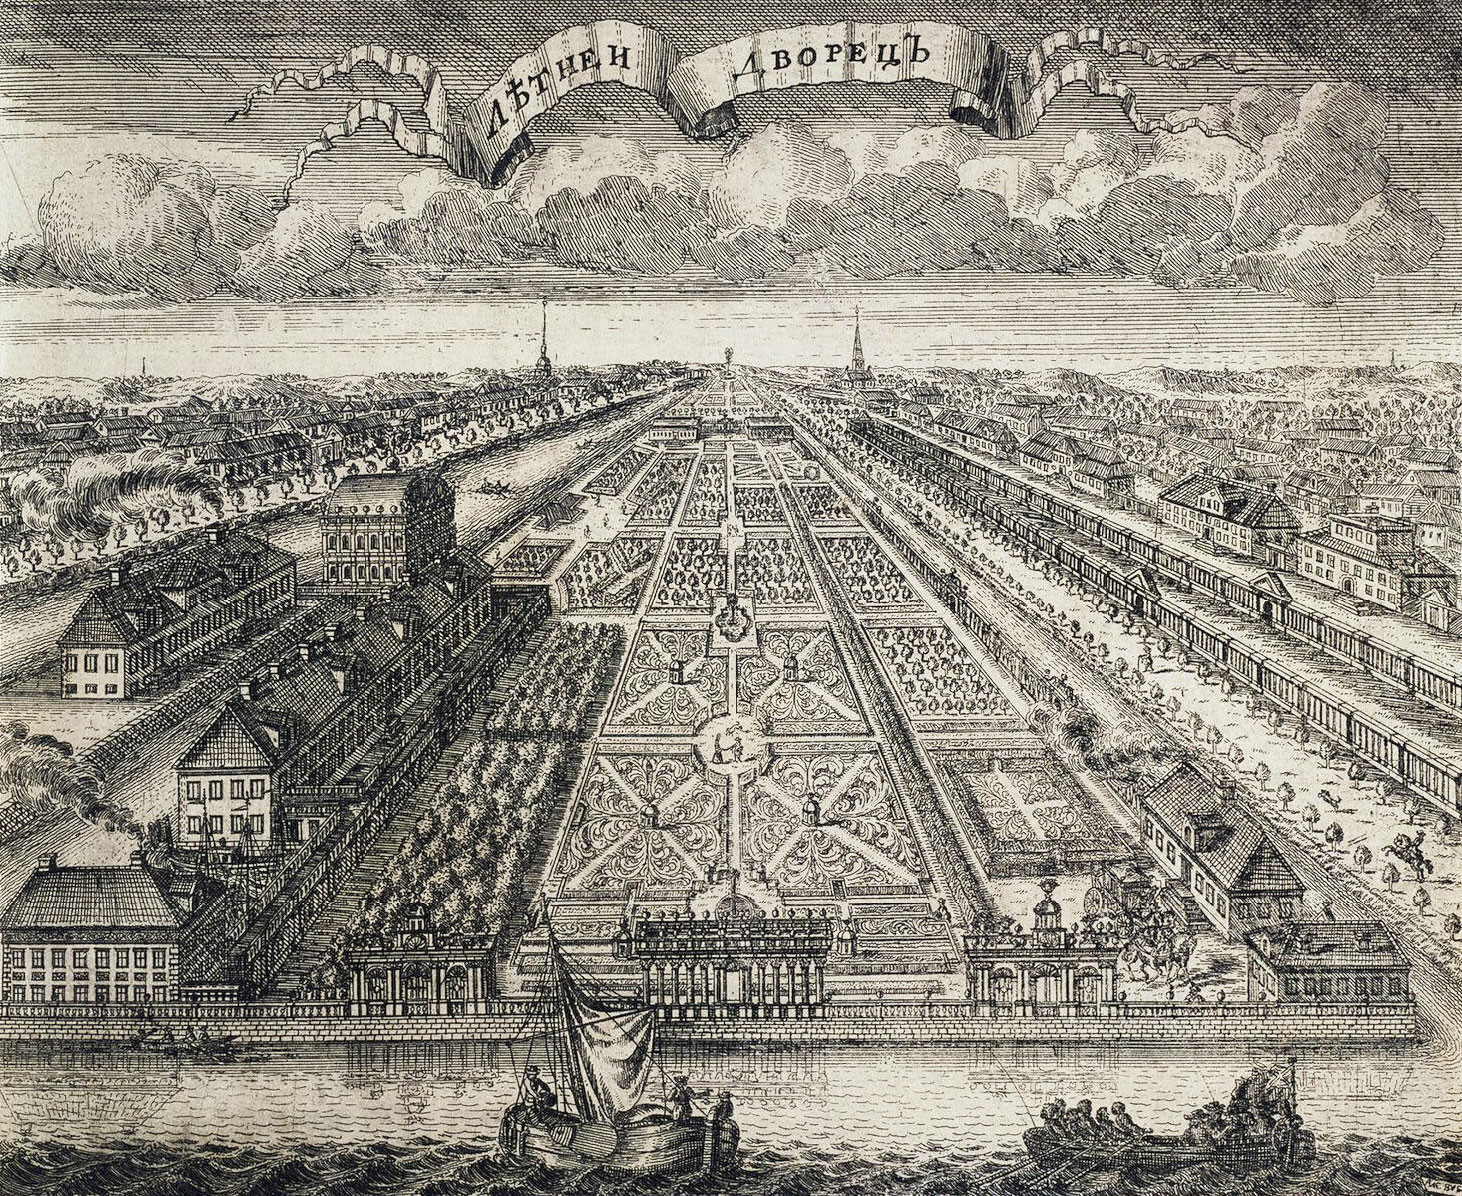 Casa de Verão e Jardim de Verão em São Petersburgo, 1716.